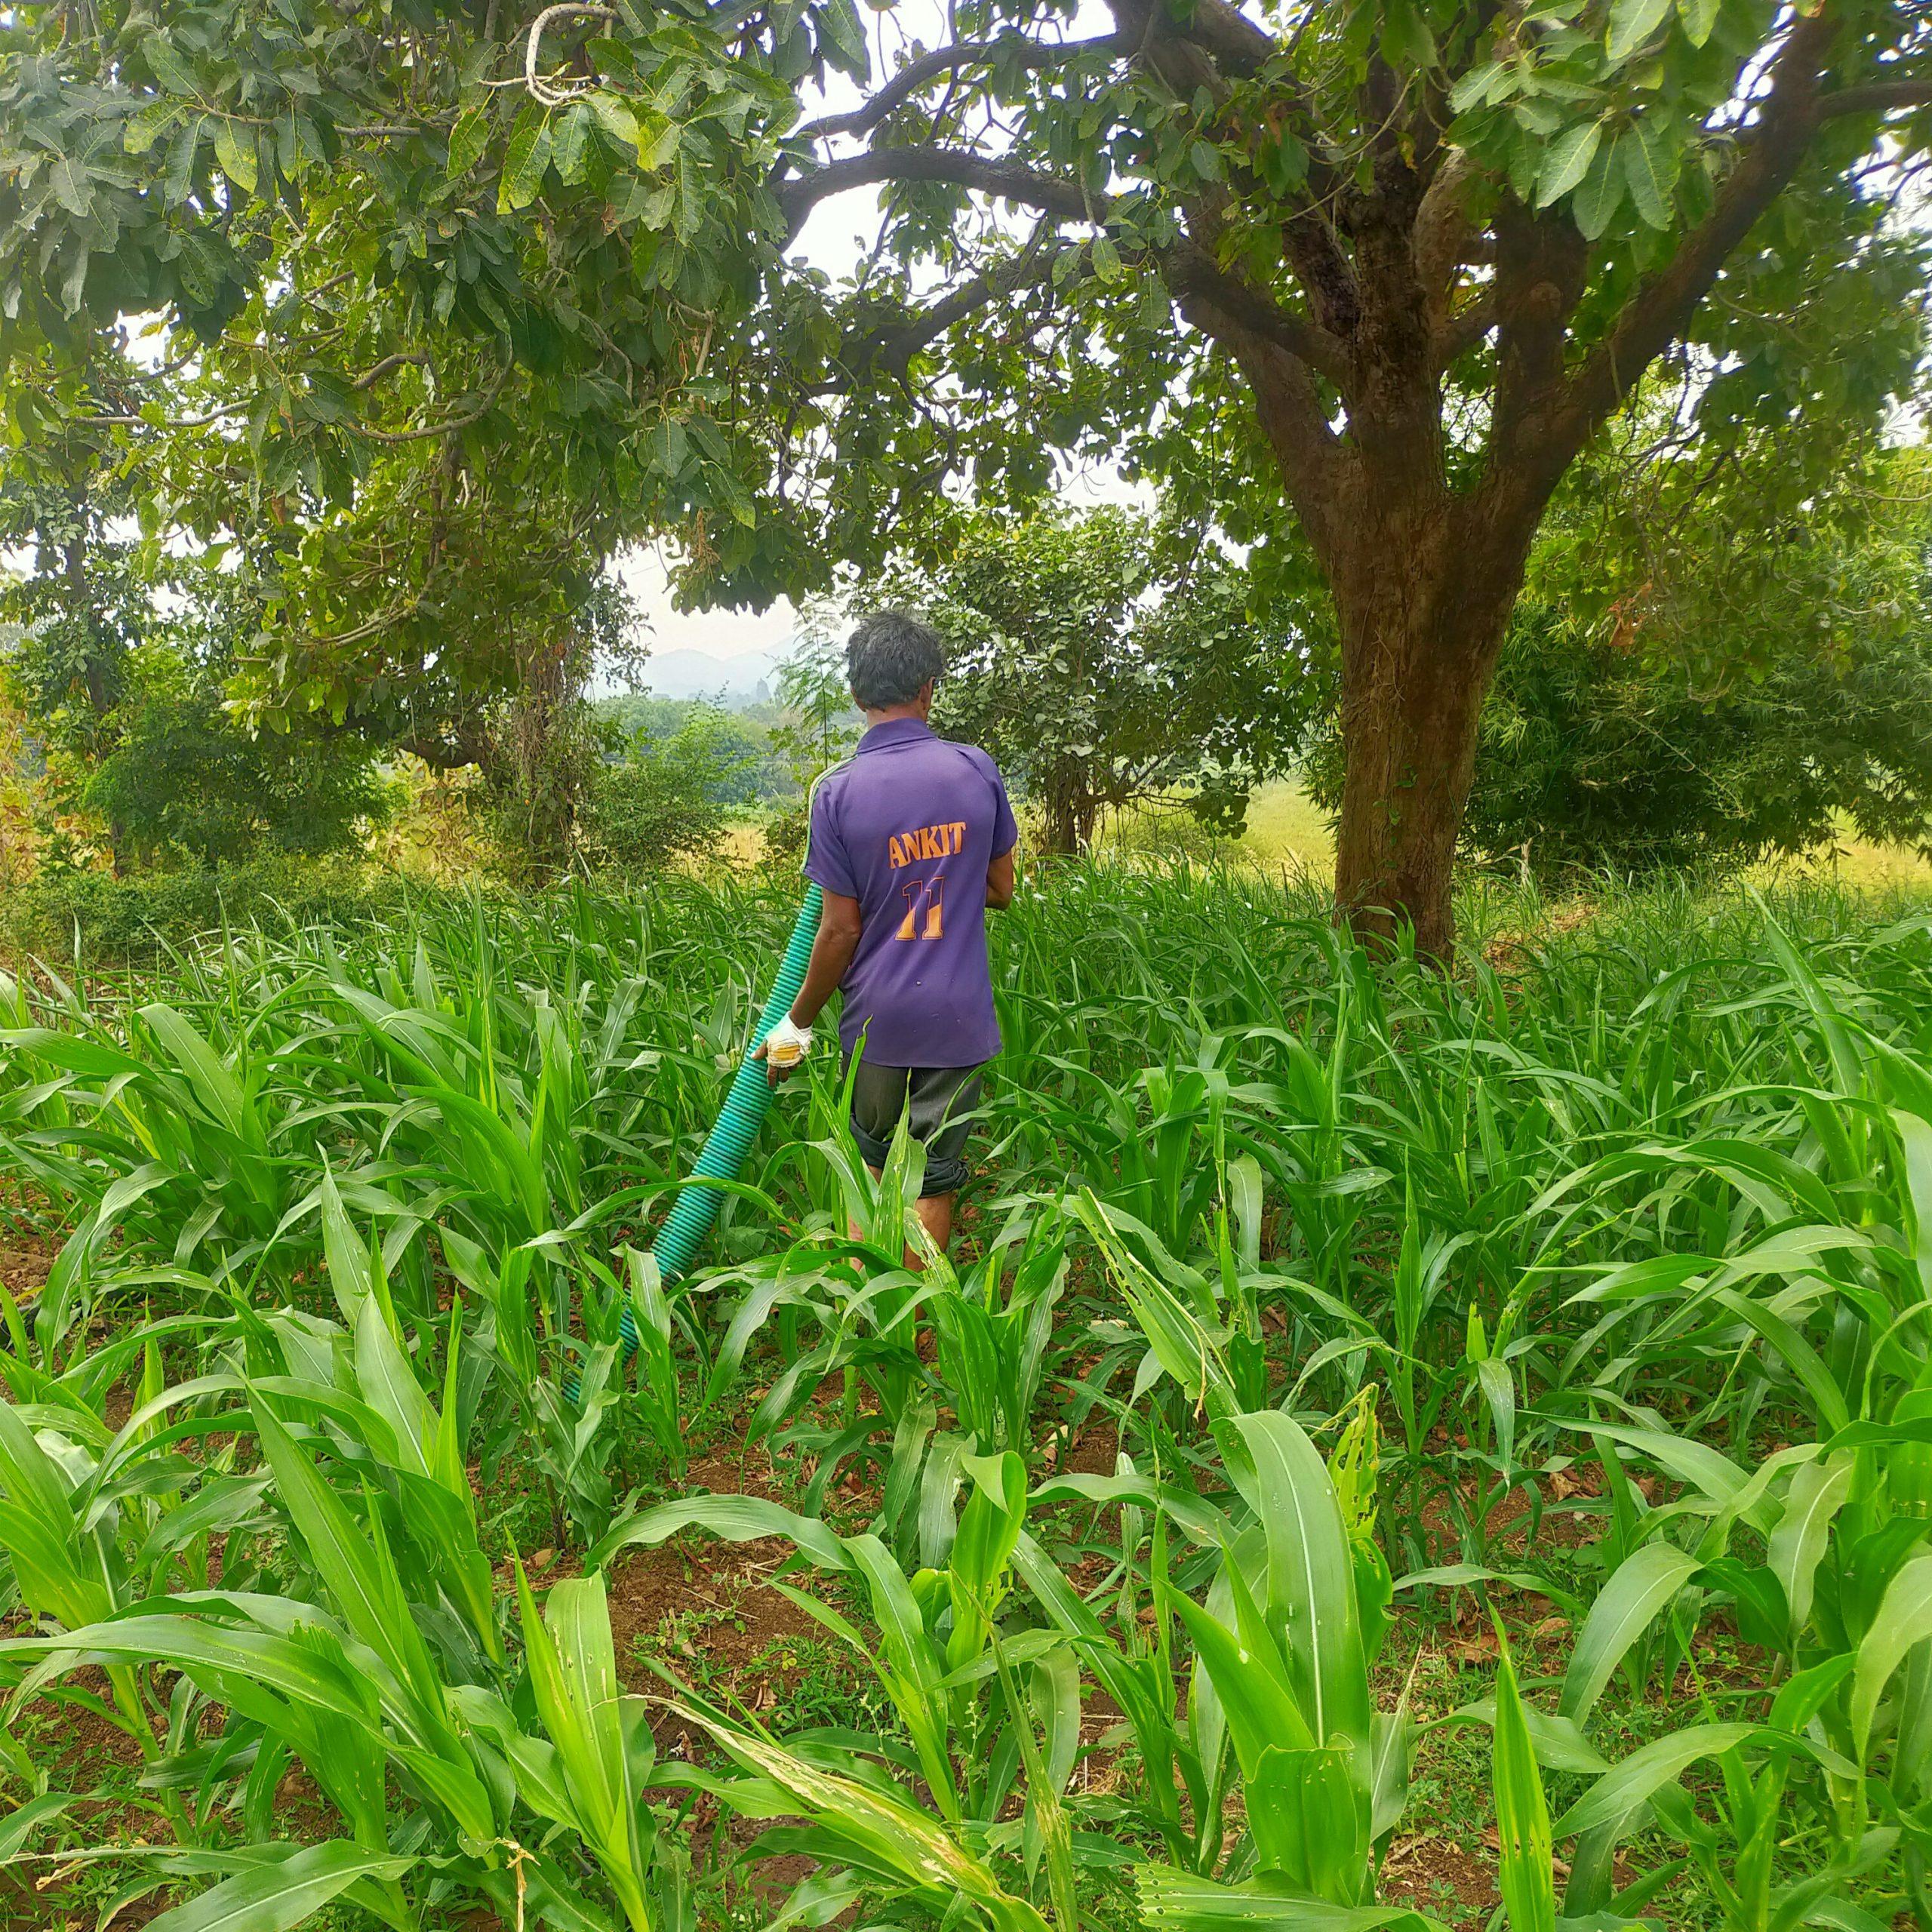 farmer working in a farm